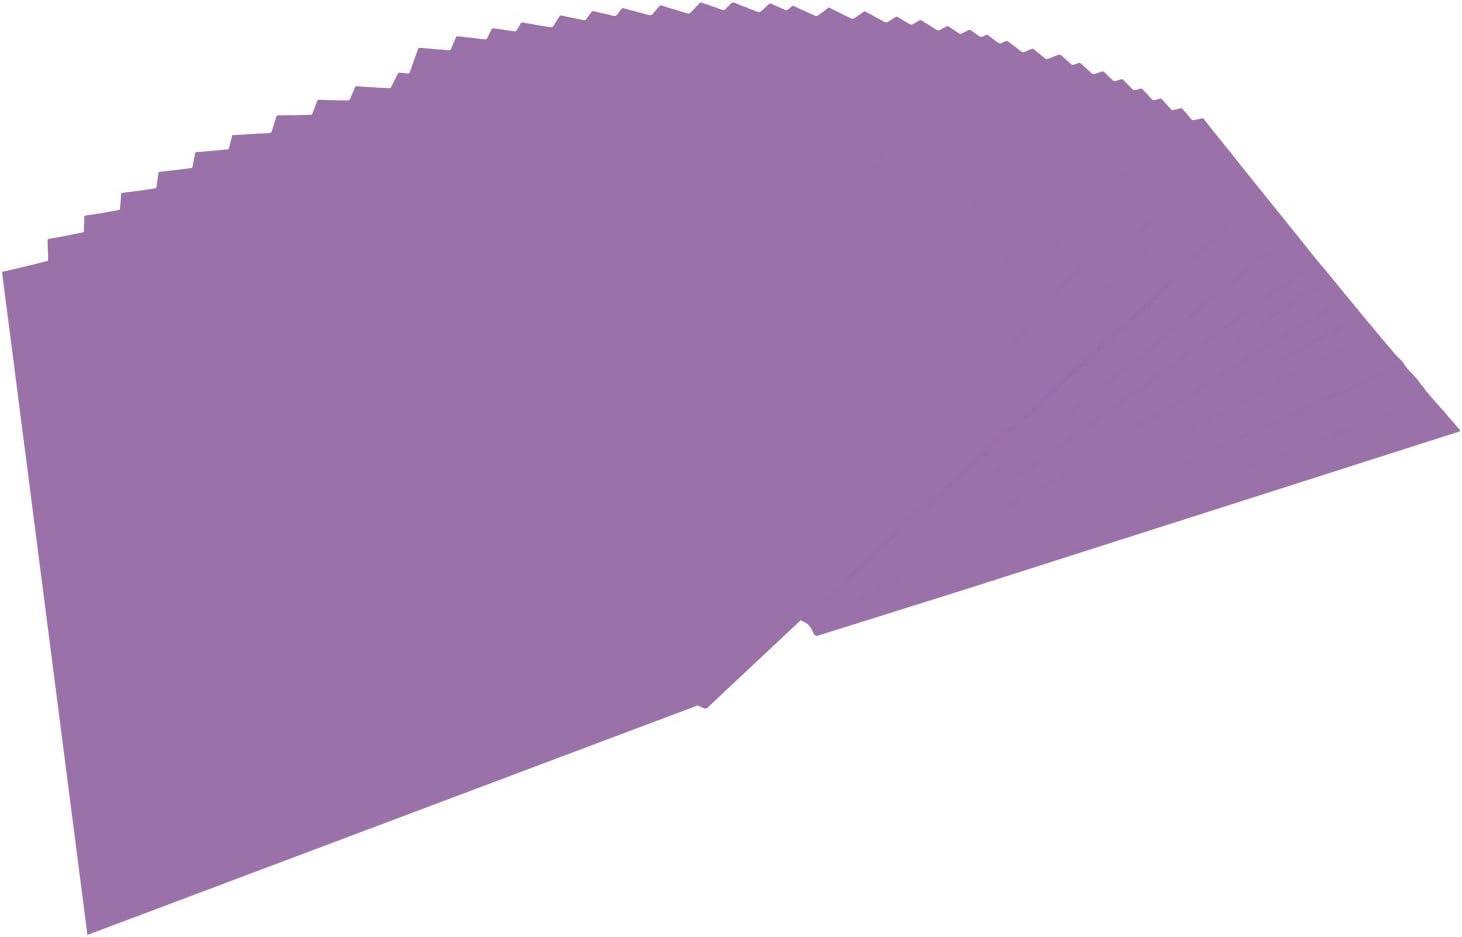 Bringmann - Papel A4 coloreado, 100 hojas, Morado (Lila): Amazon.es: Oficina y papelería